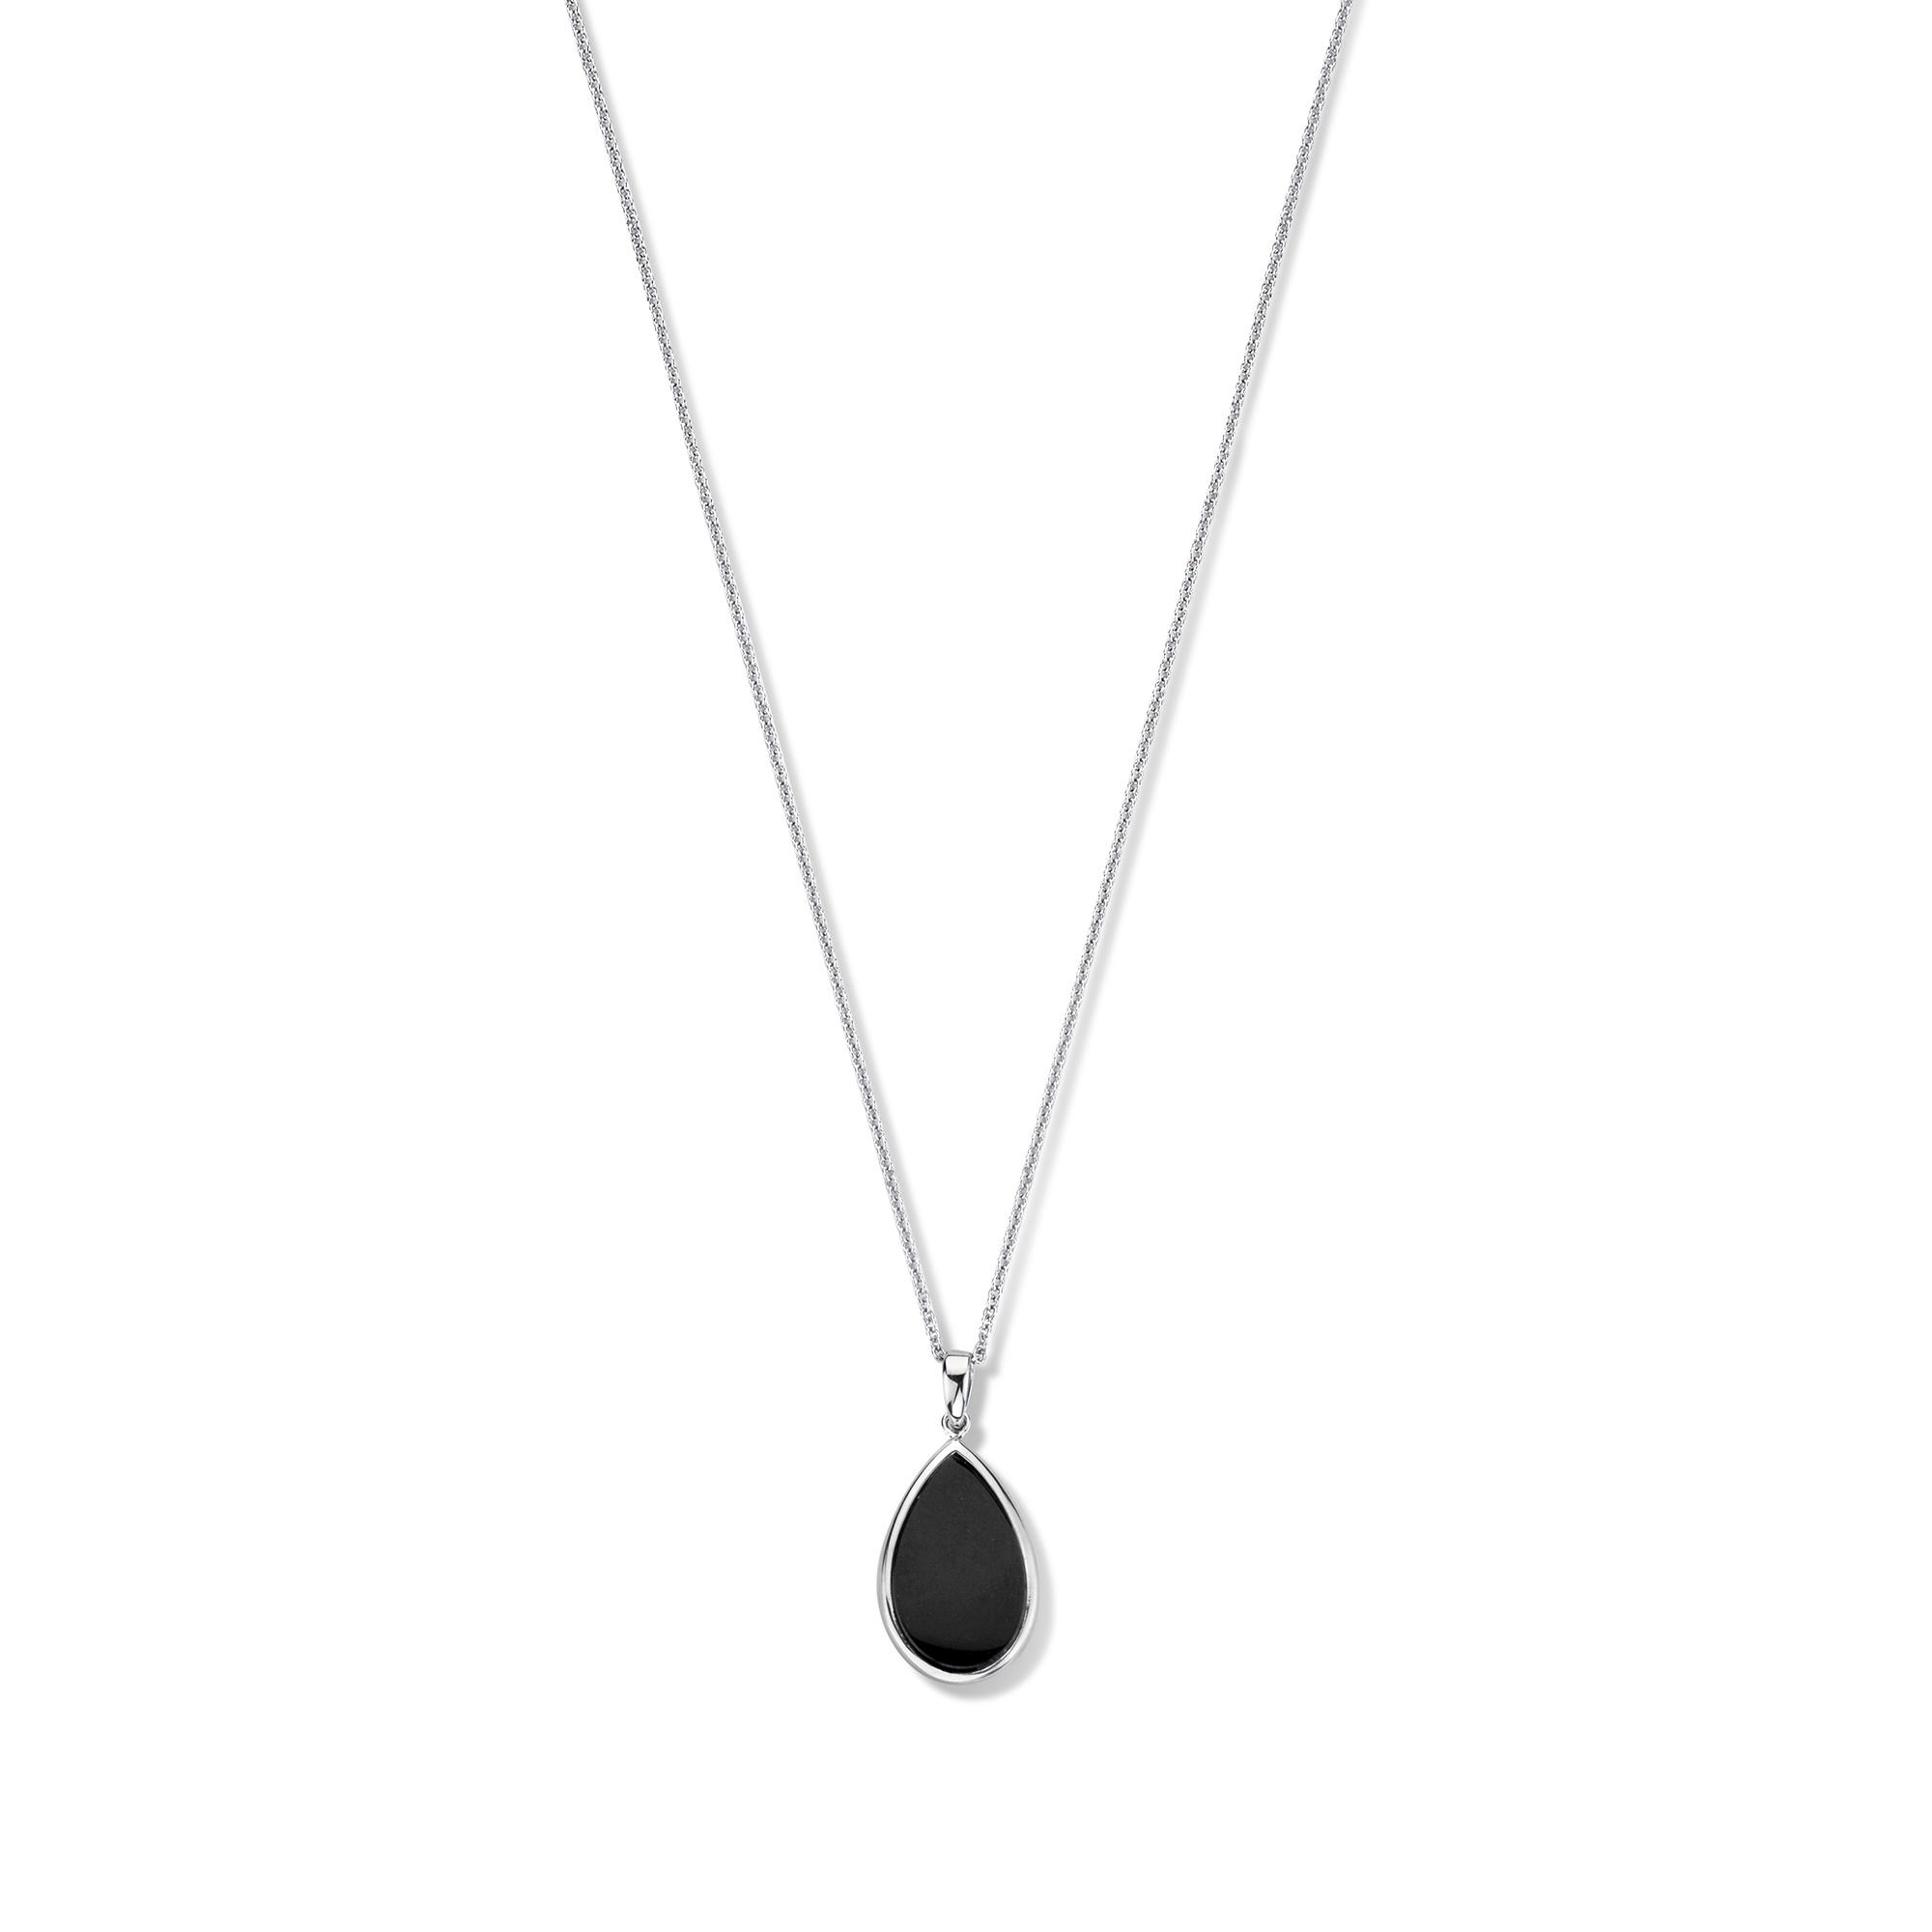 Parte di Me La Sirena Serchio 925 sterling sølv halskæde